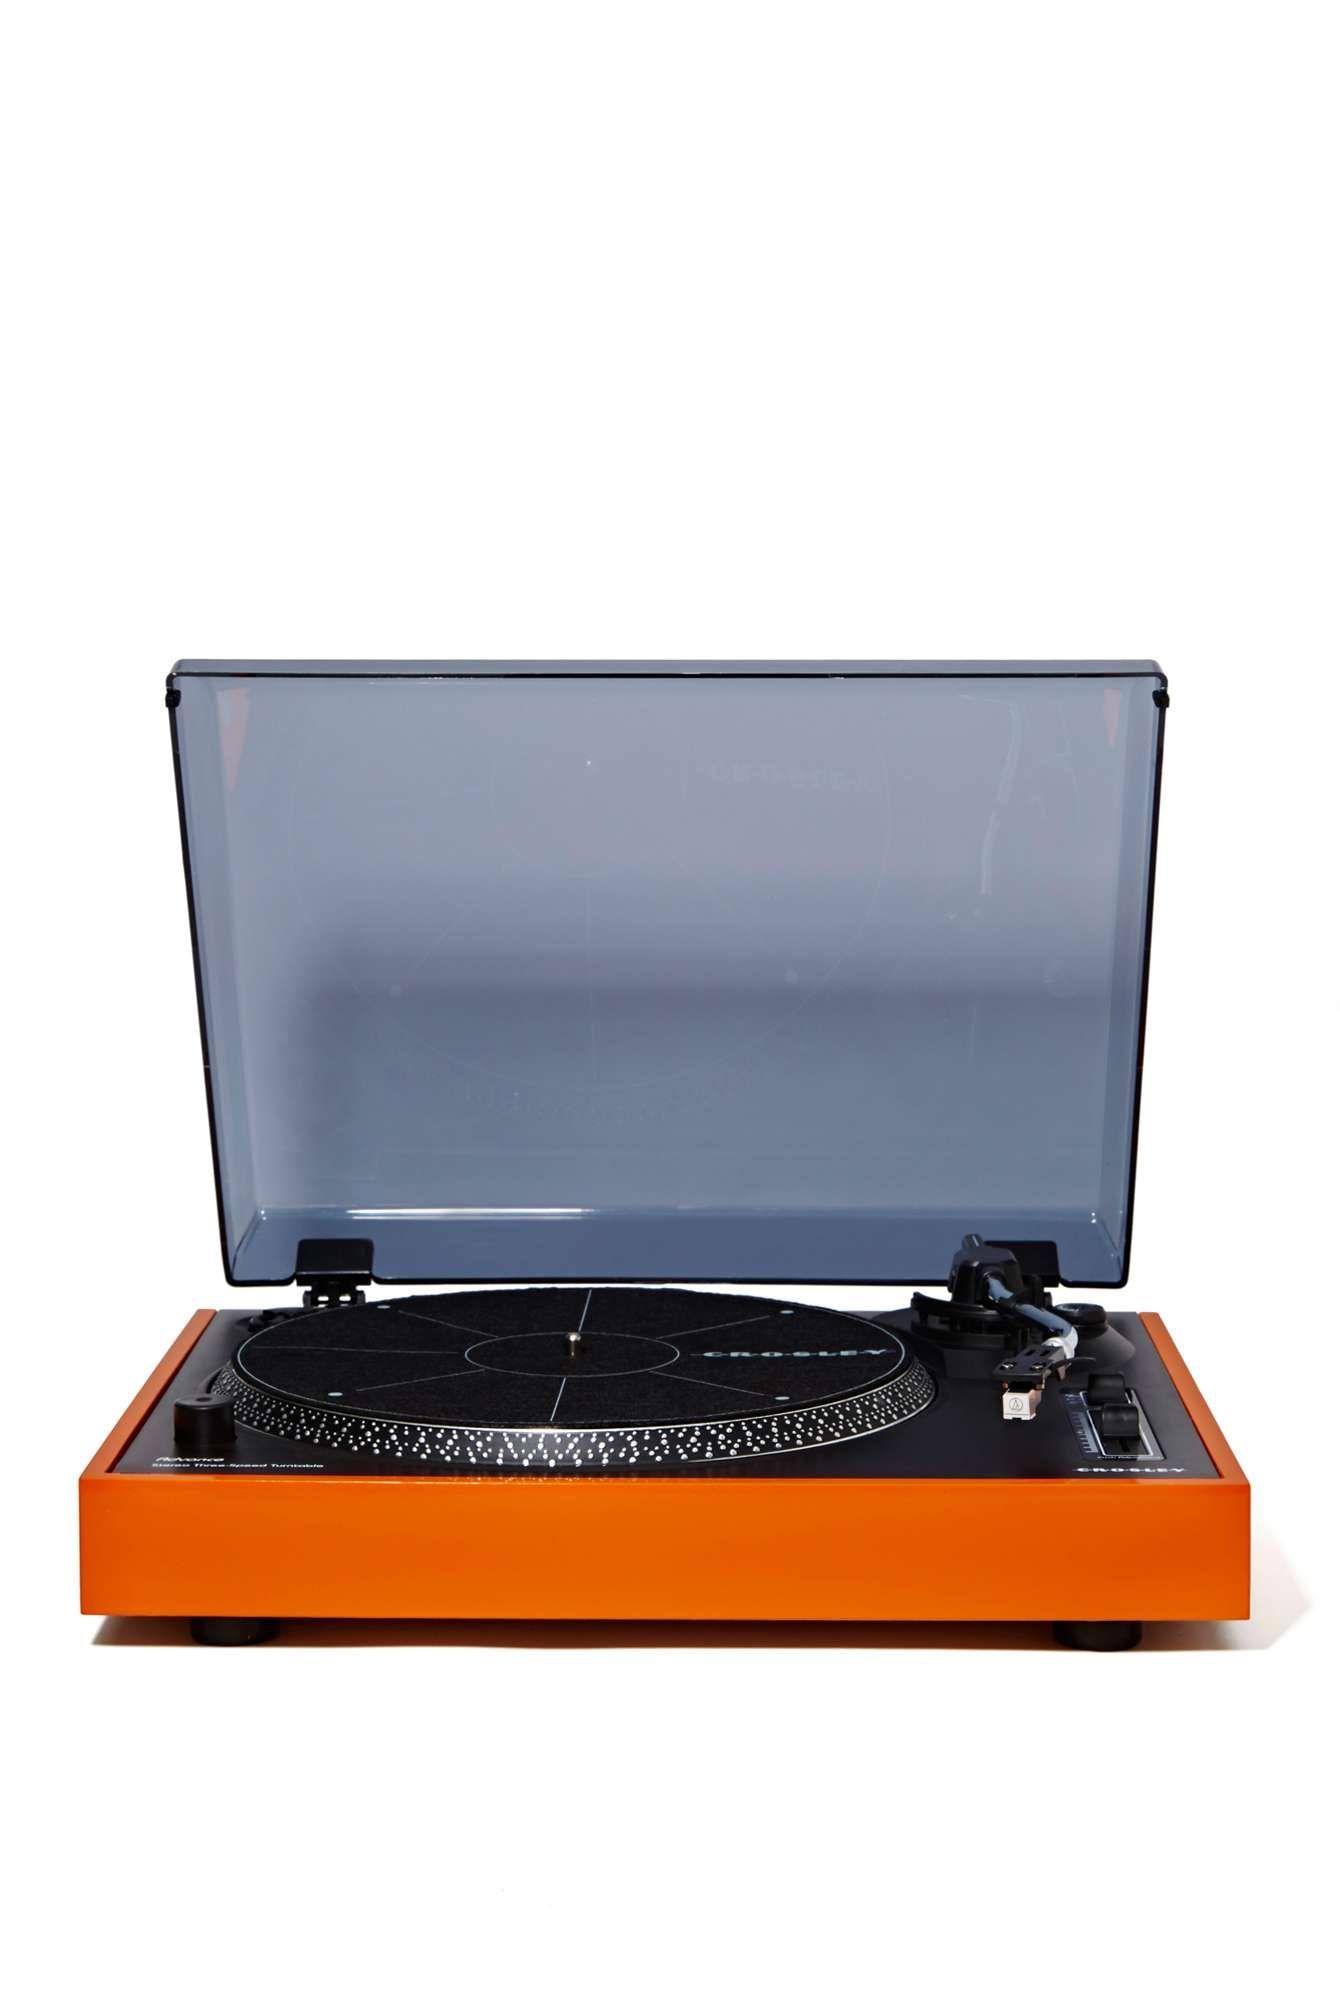 Crosley Stereo 3 Speed Turntable